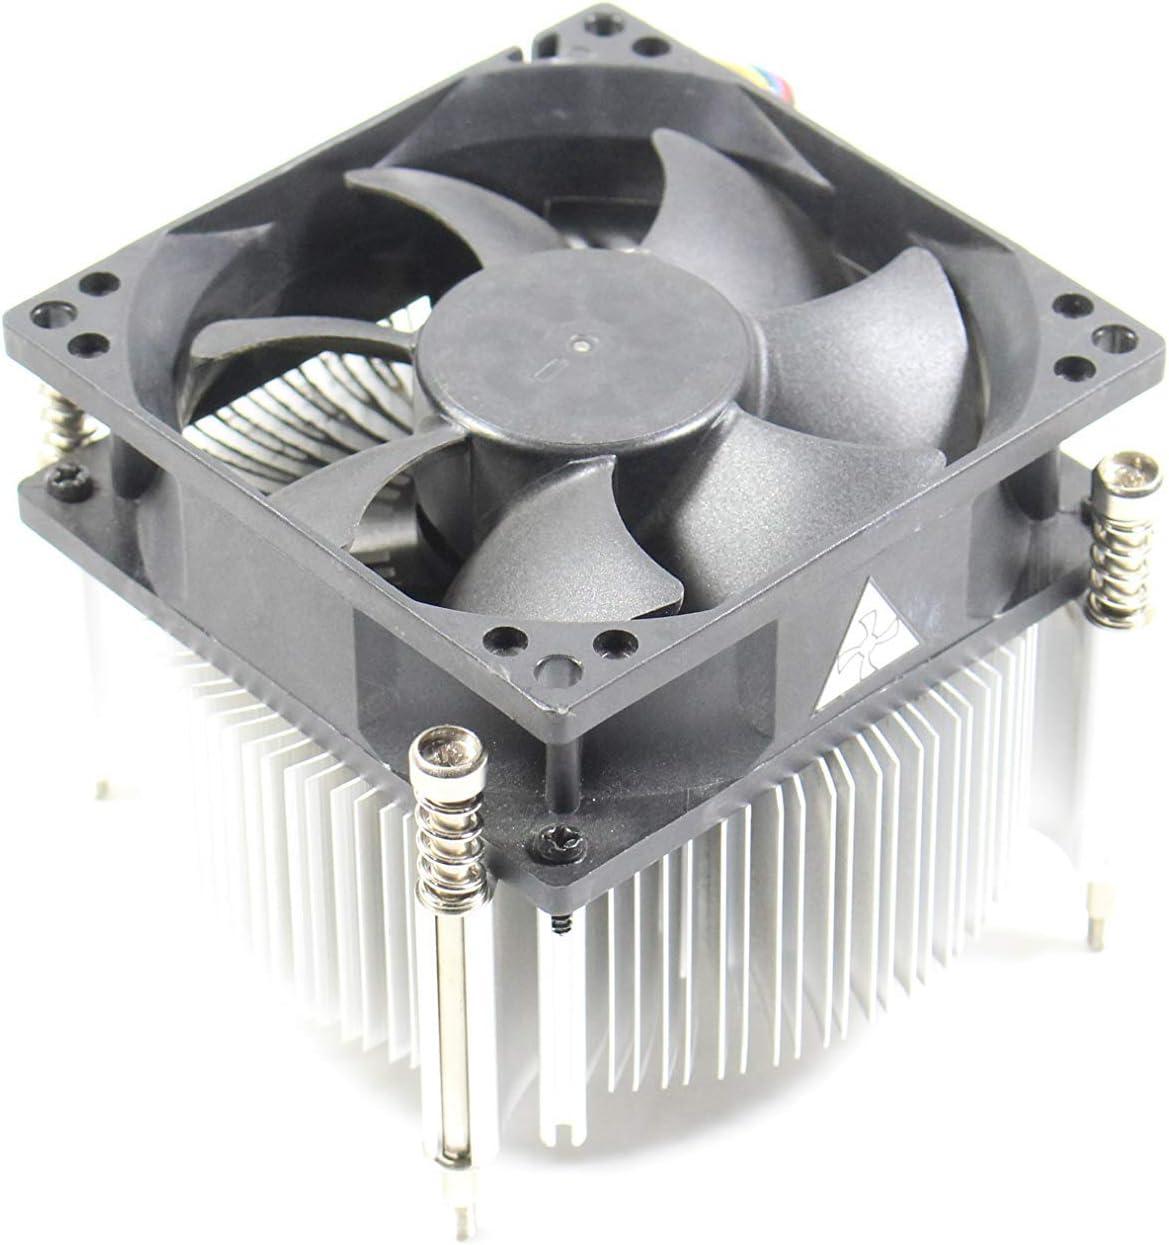 Dell WDRTF XPS 8300 Inspiron 620 CPU Heatsink & Fan 4-Pin (Renewed)